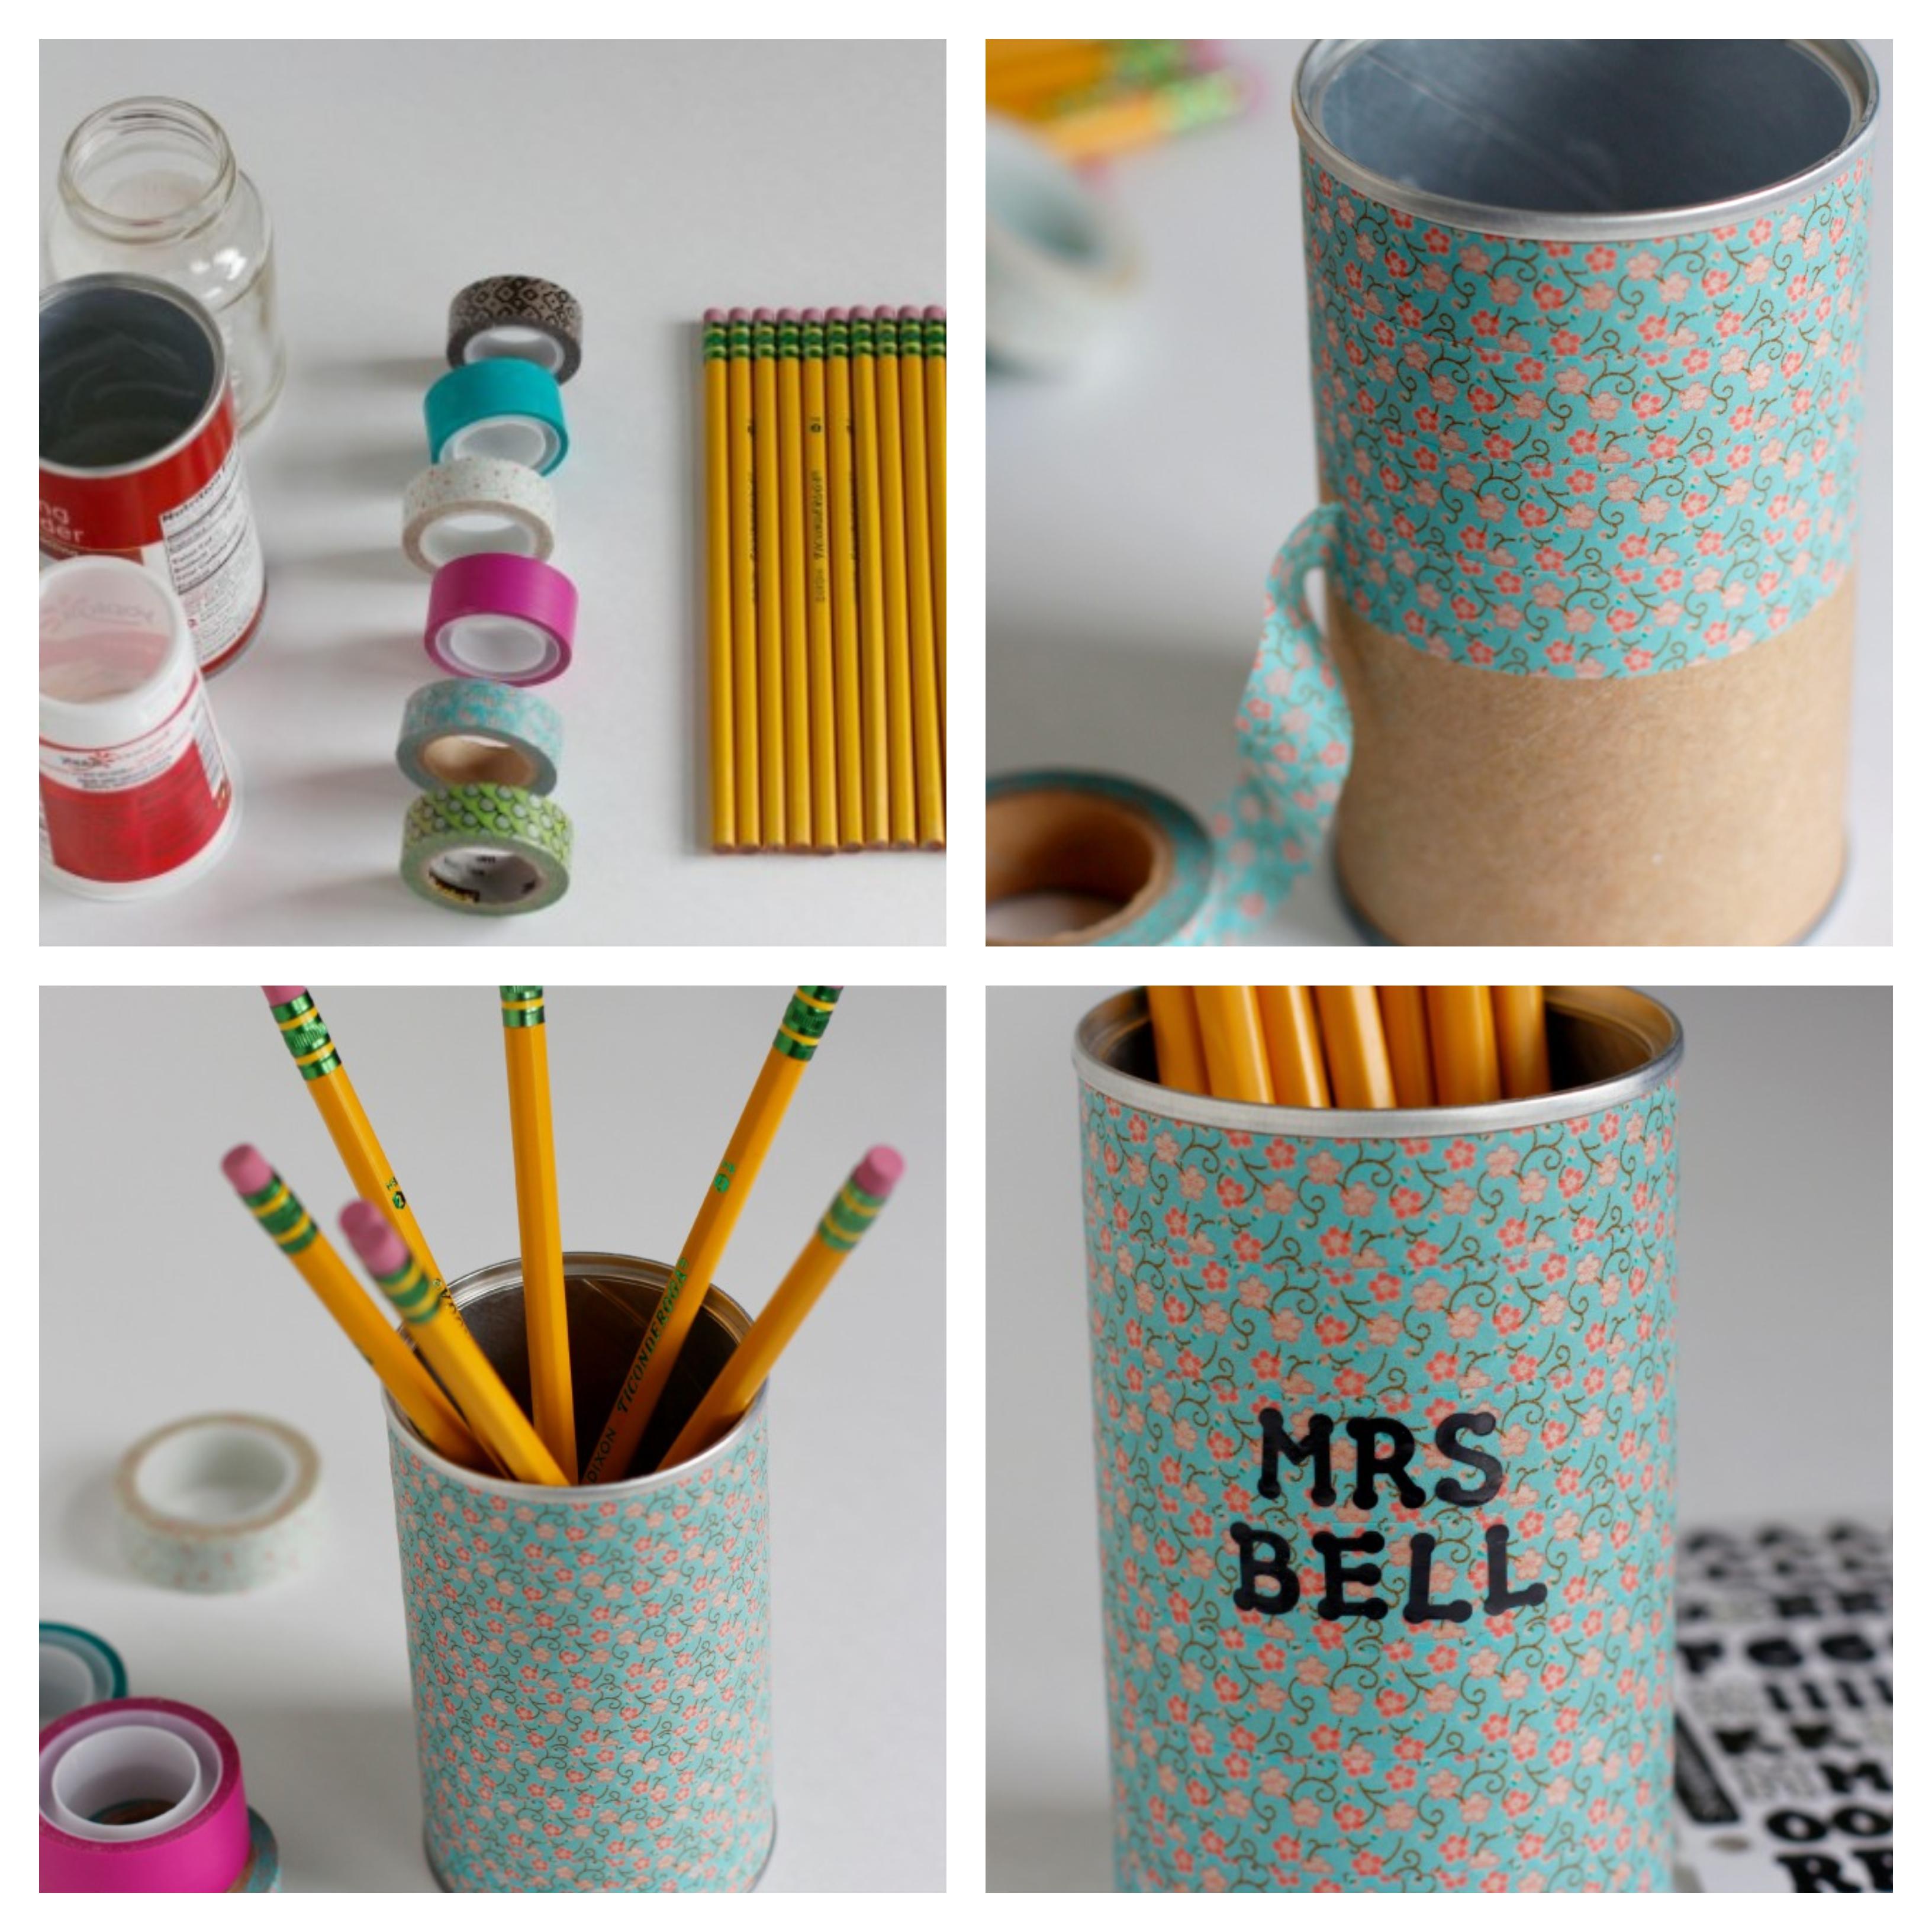 boite de conserve décorée de wahi tape à motifs floraux, cadeau maitresse personnalisé, pot a crayon diy